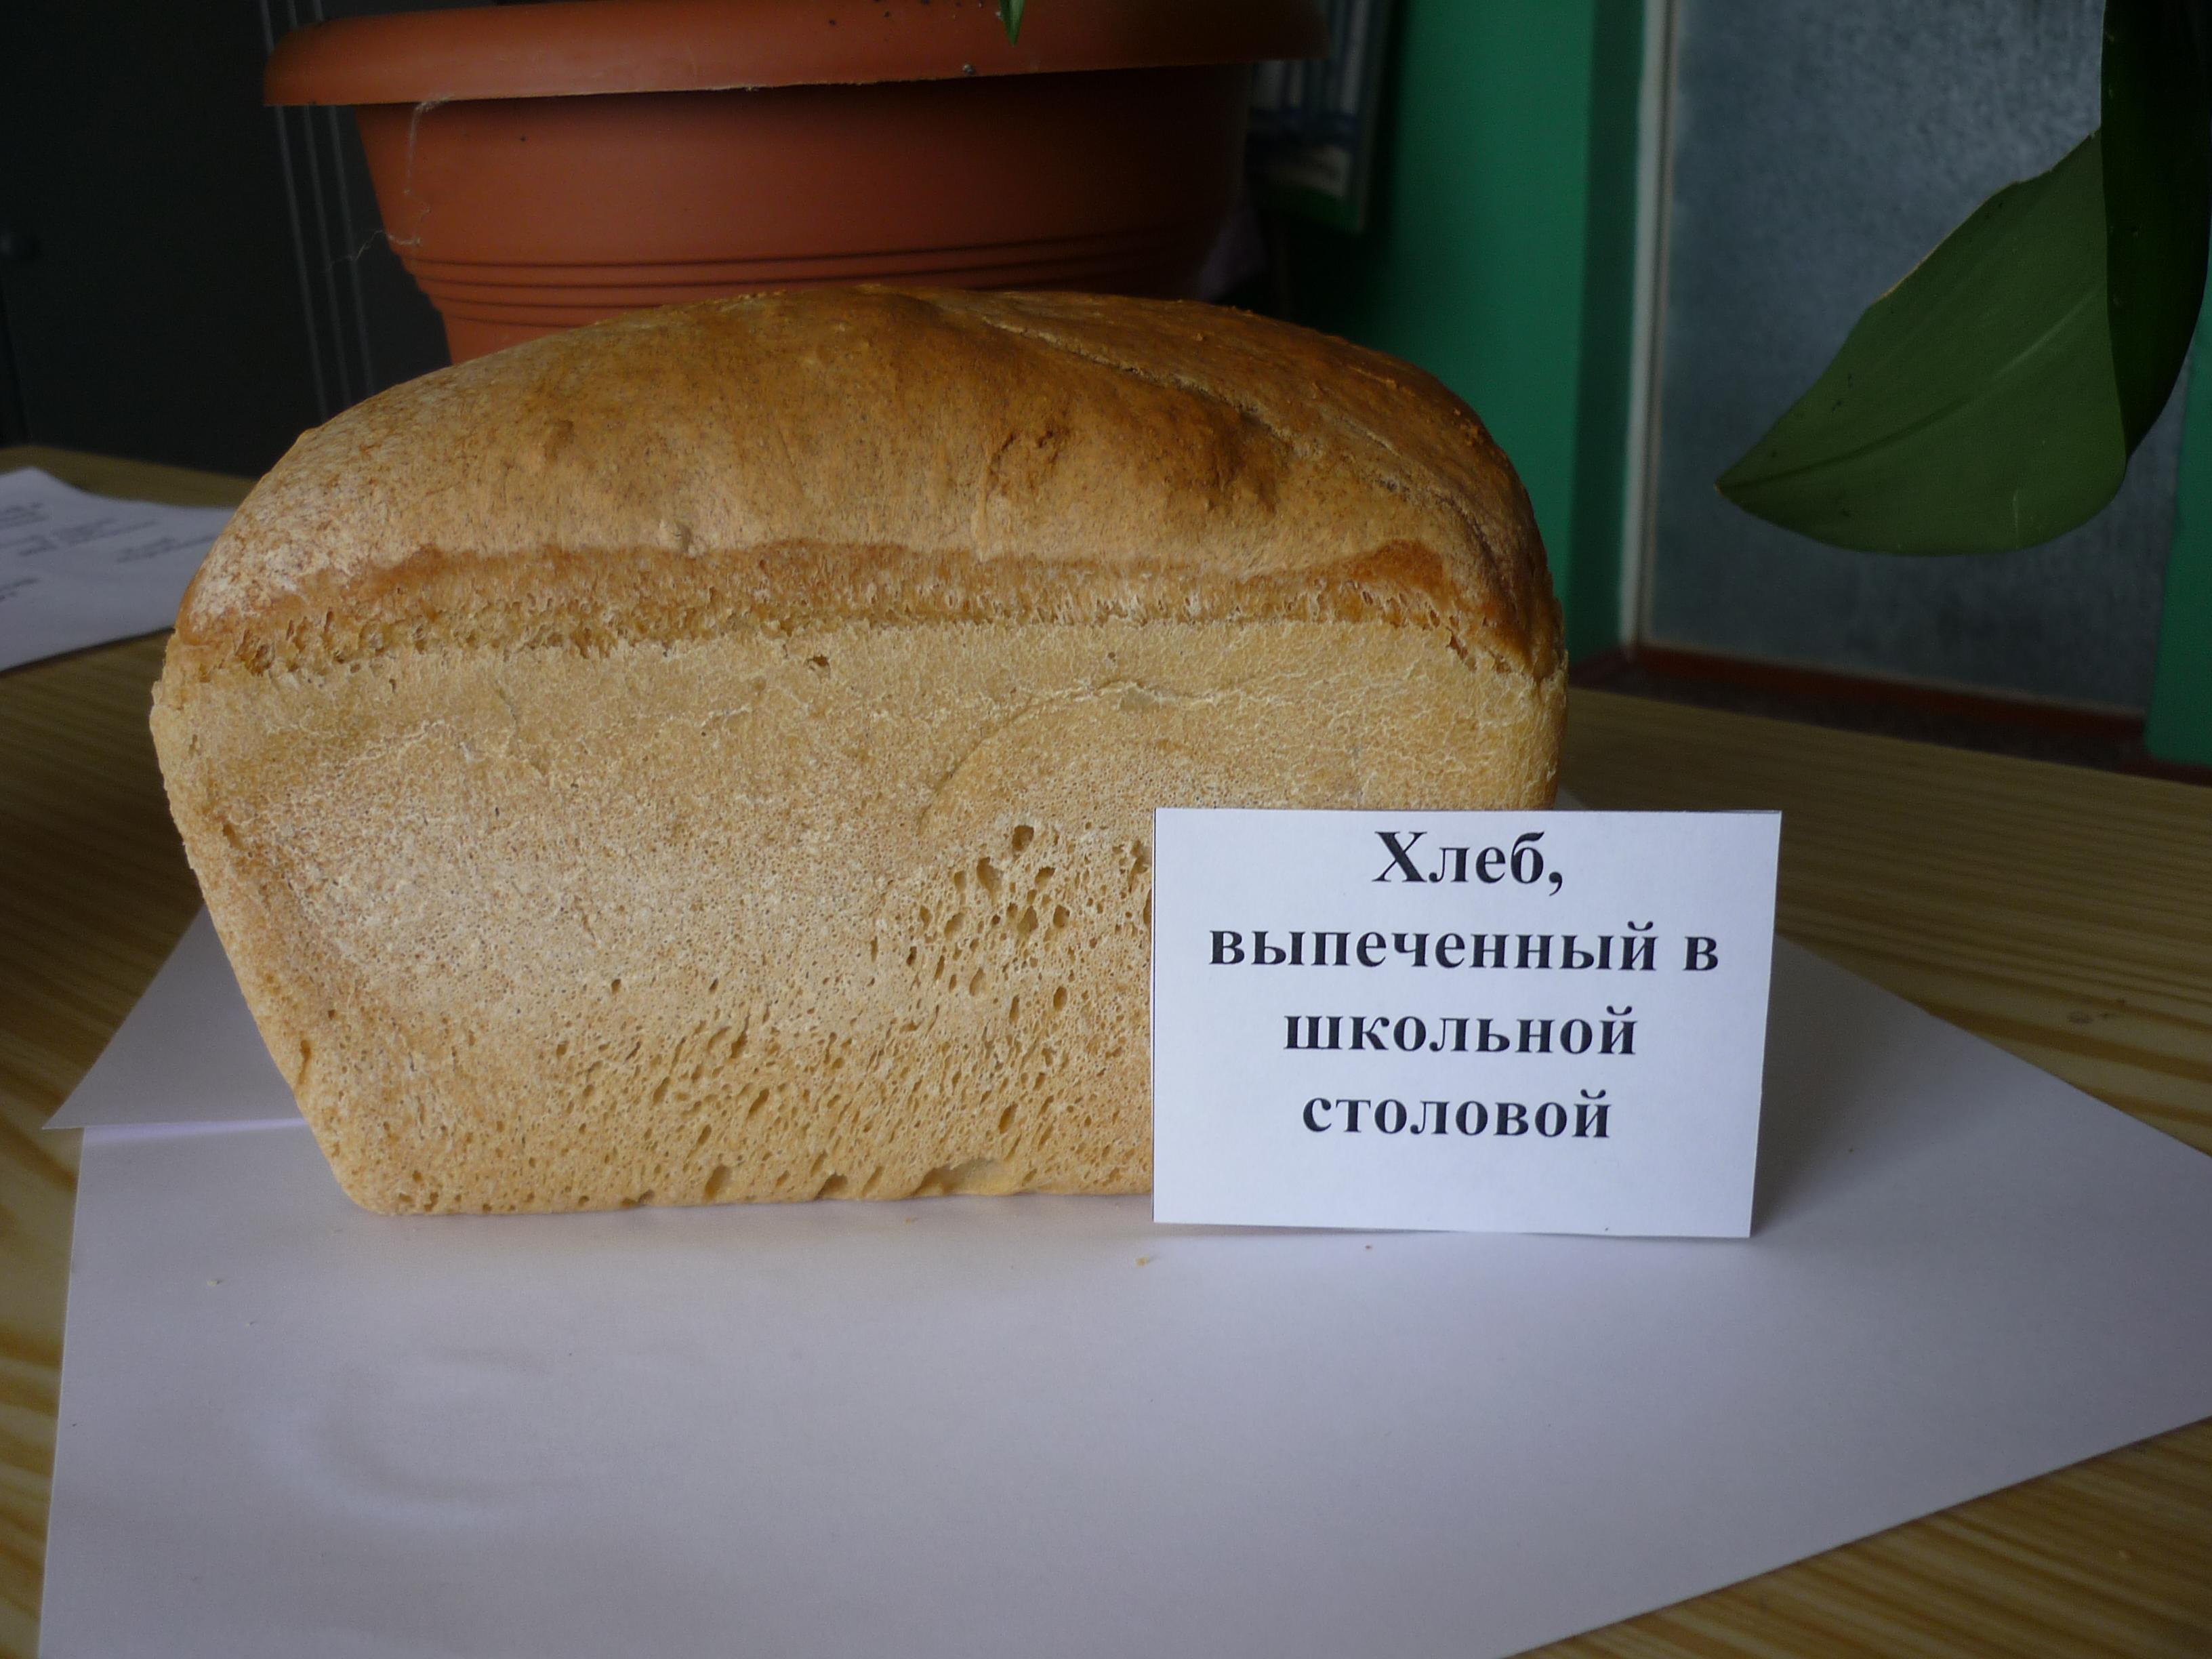 Какой Хлеб Можно Кушать При Диетах. Какой хлеб можно есть при похудении и сколько? Рекомендации диетолога